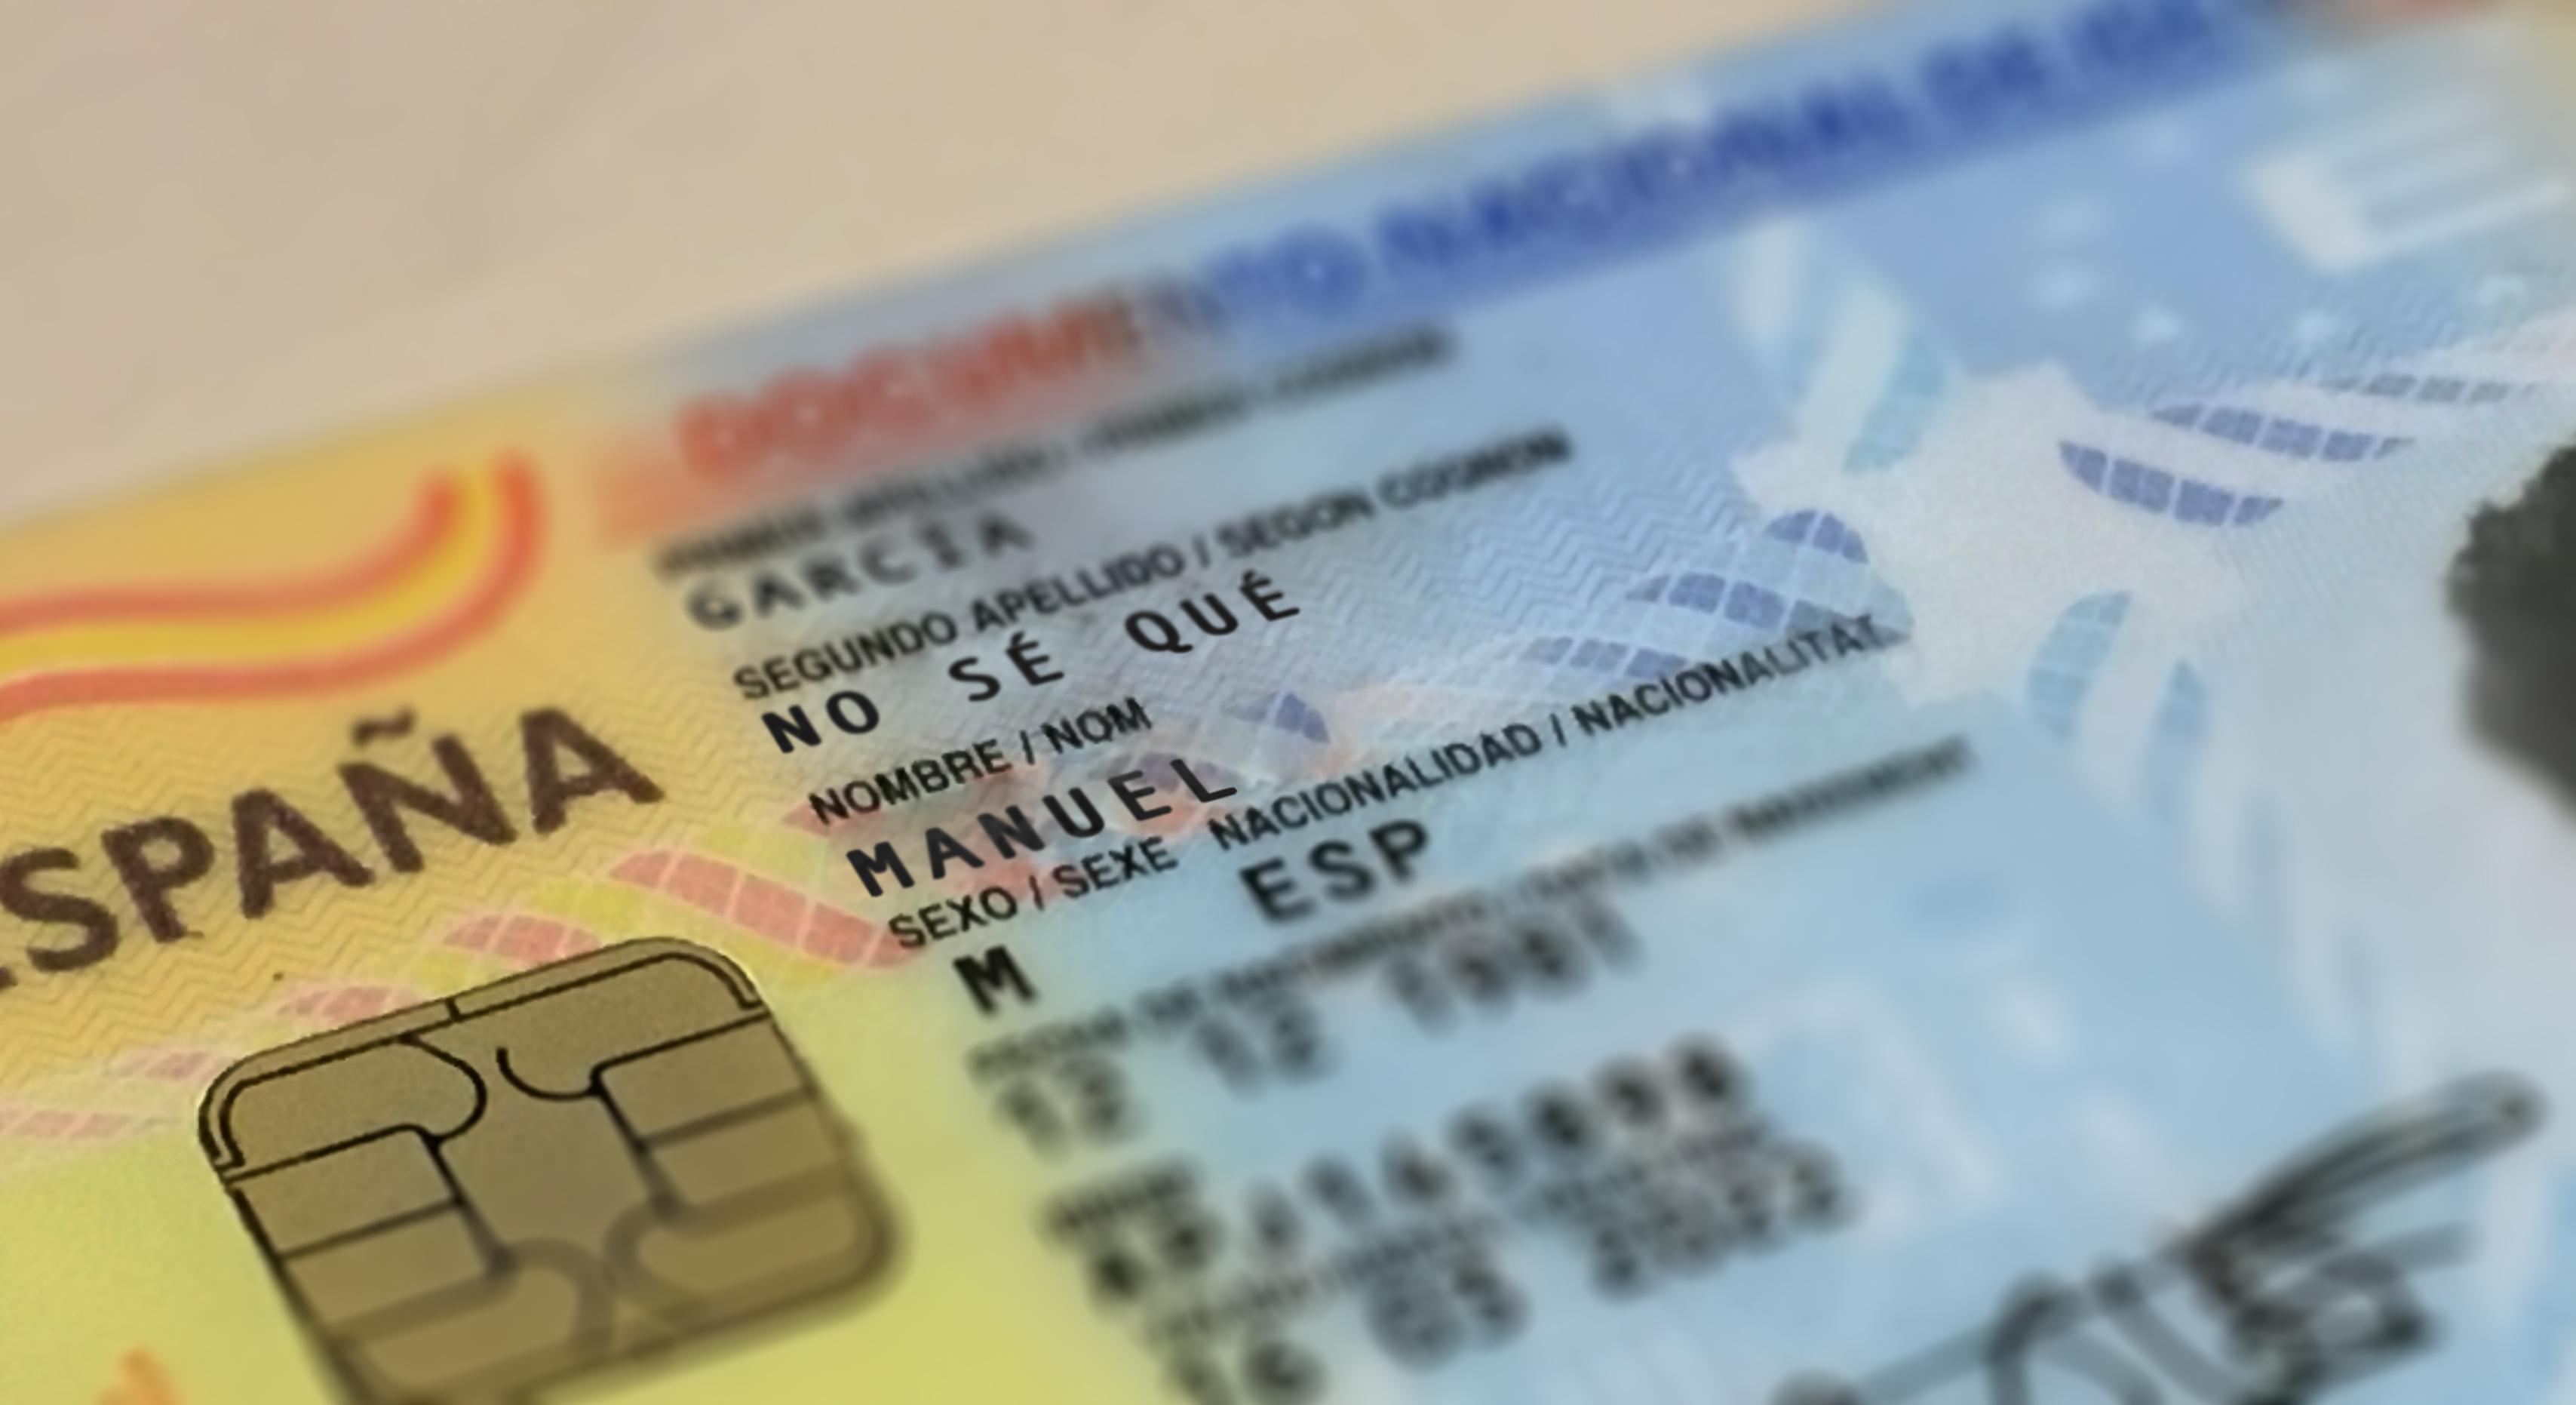 Cita previa dni necesaria free informacion centro dni en for Oficinas para renovar dni en madrid